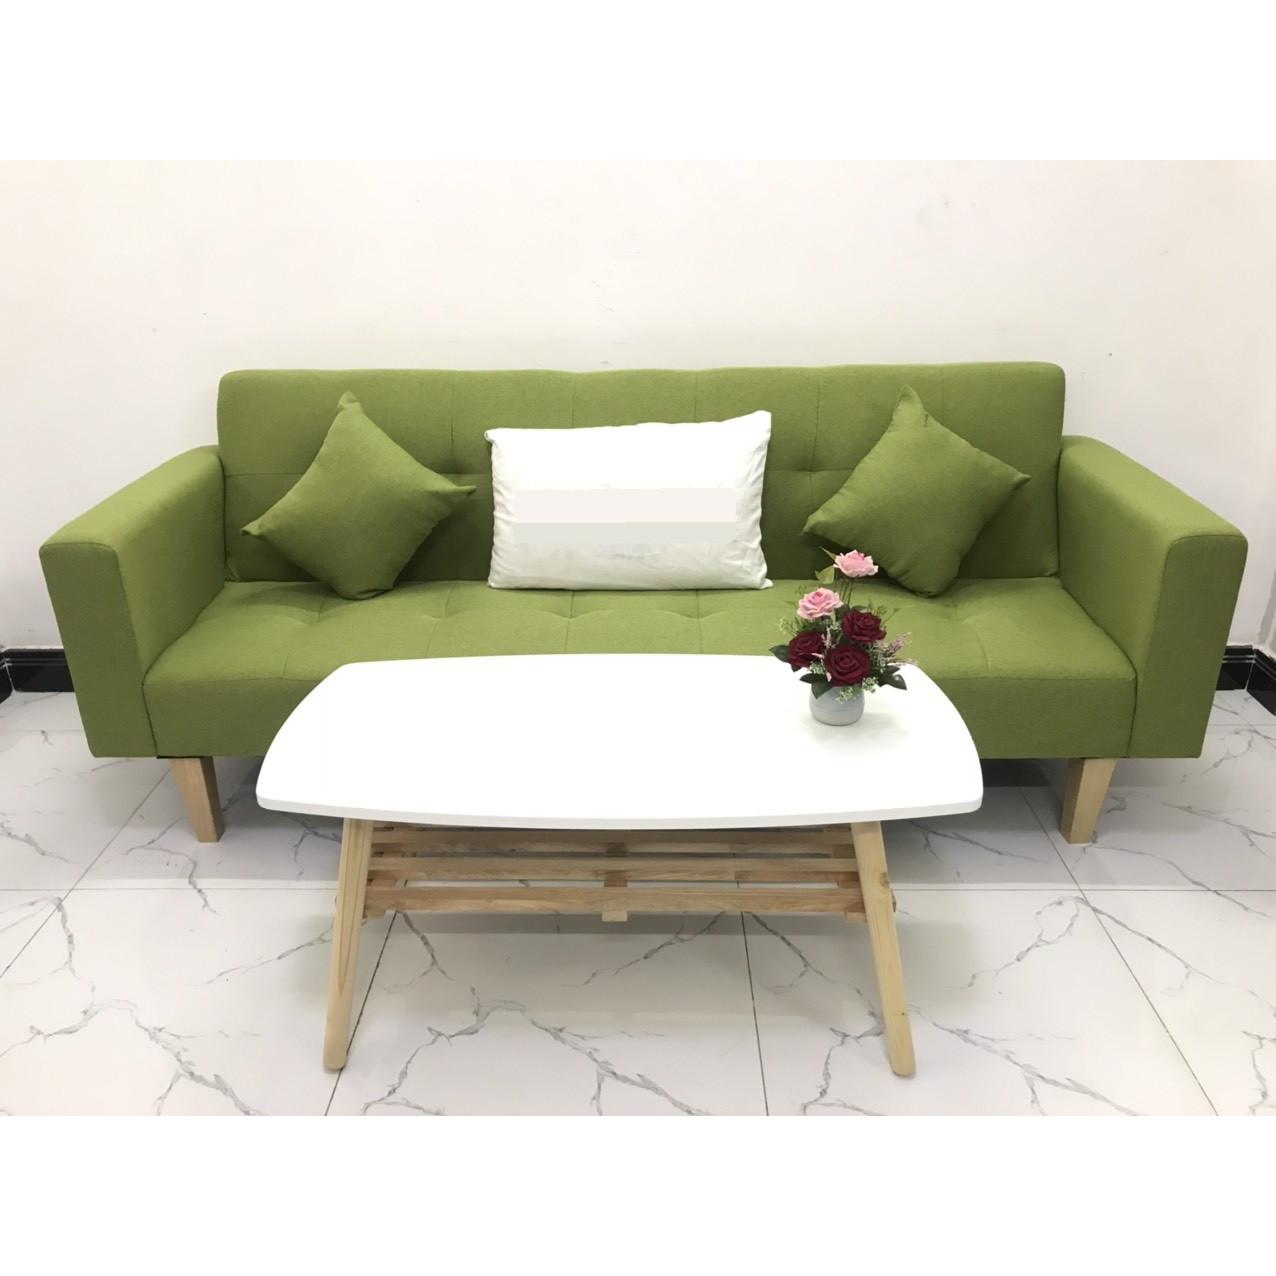 Bộ ghế sofa giường sofa bed tay vịn phòng khách sopha linco15 salon